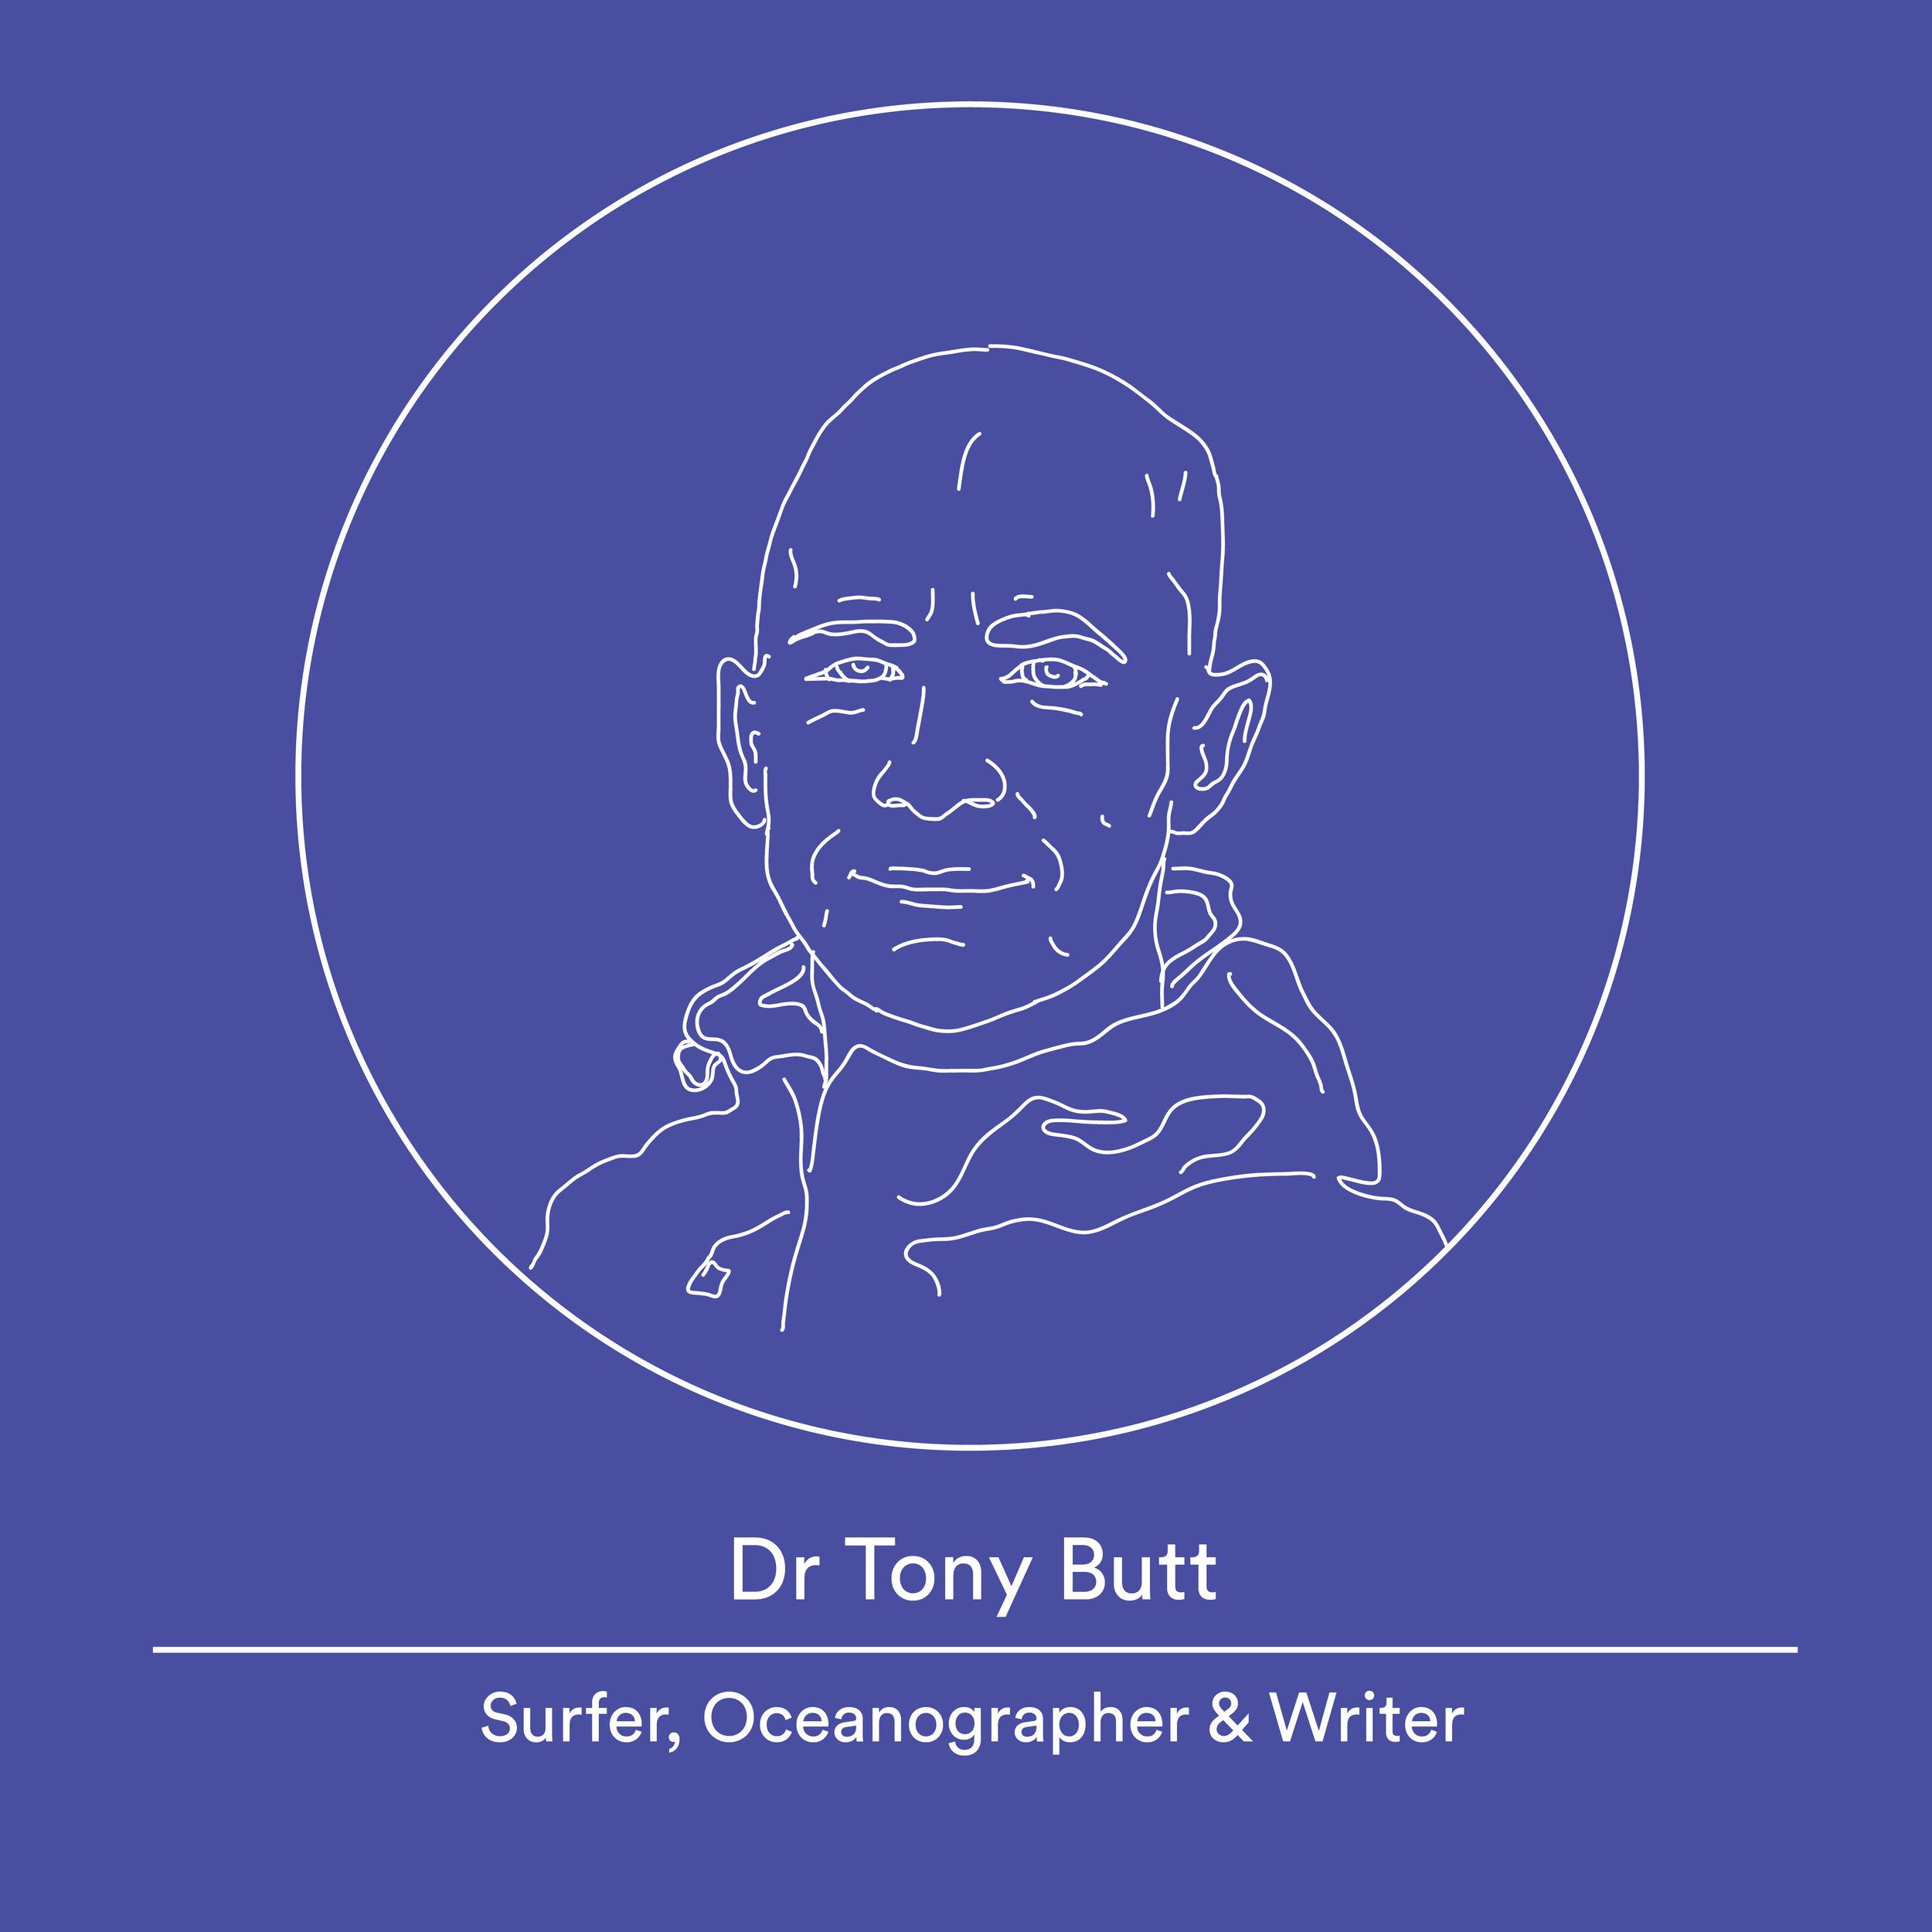 Tony Butt_illustration.jpg